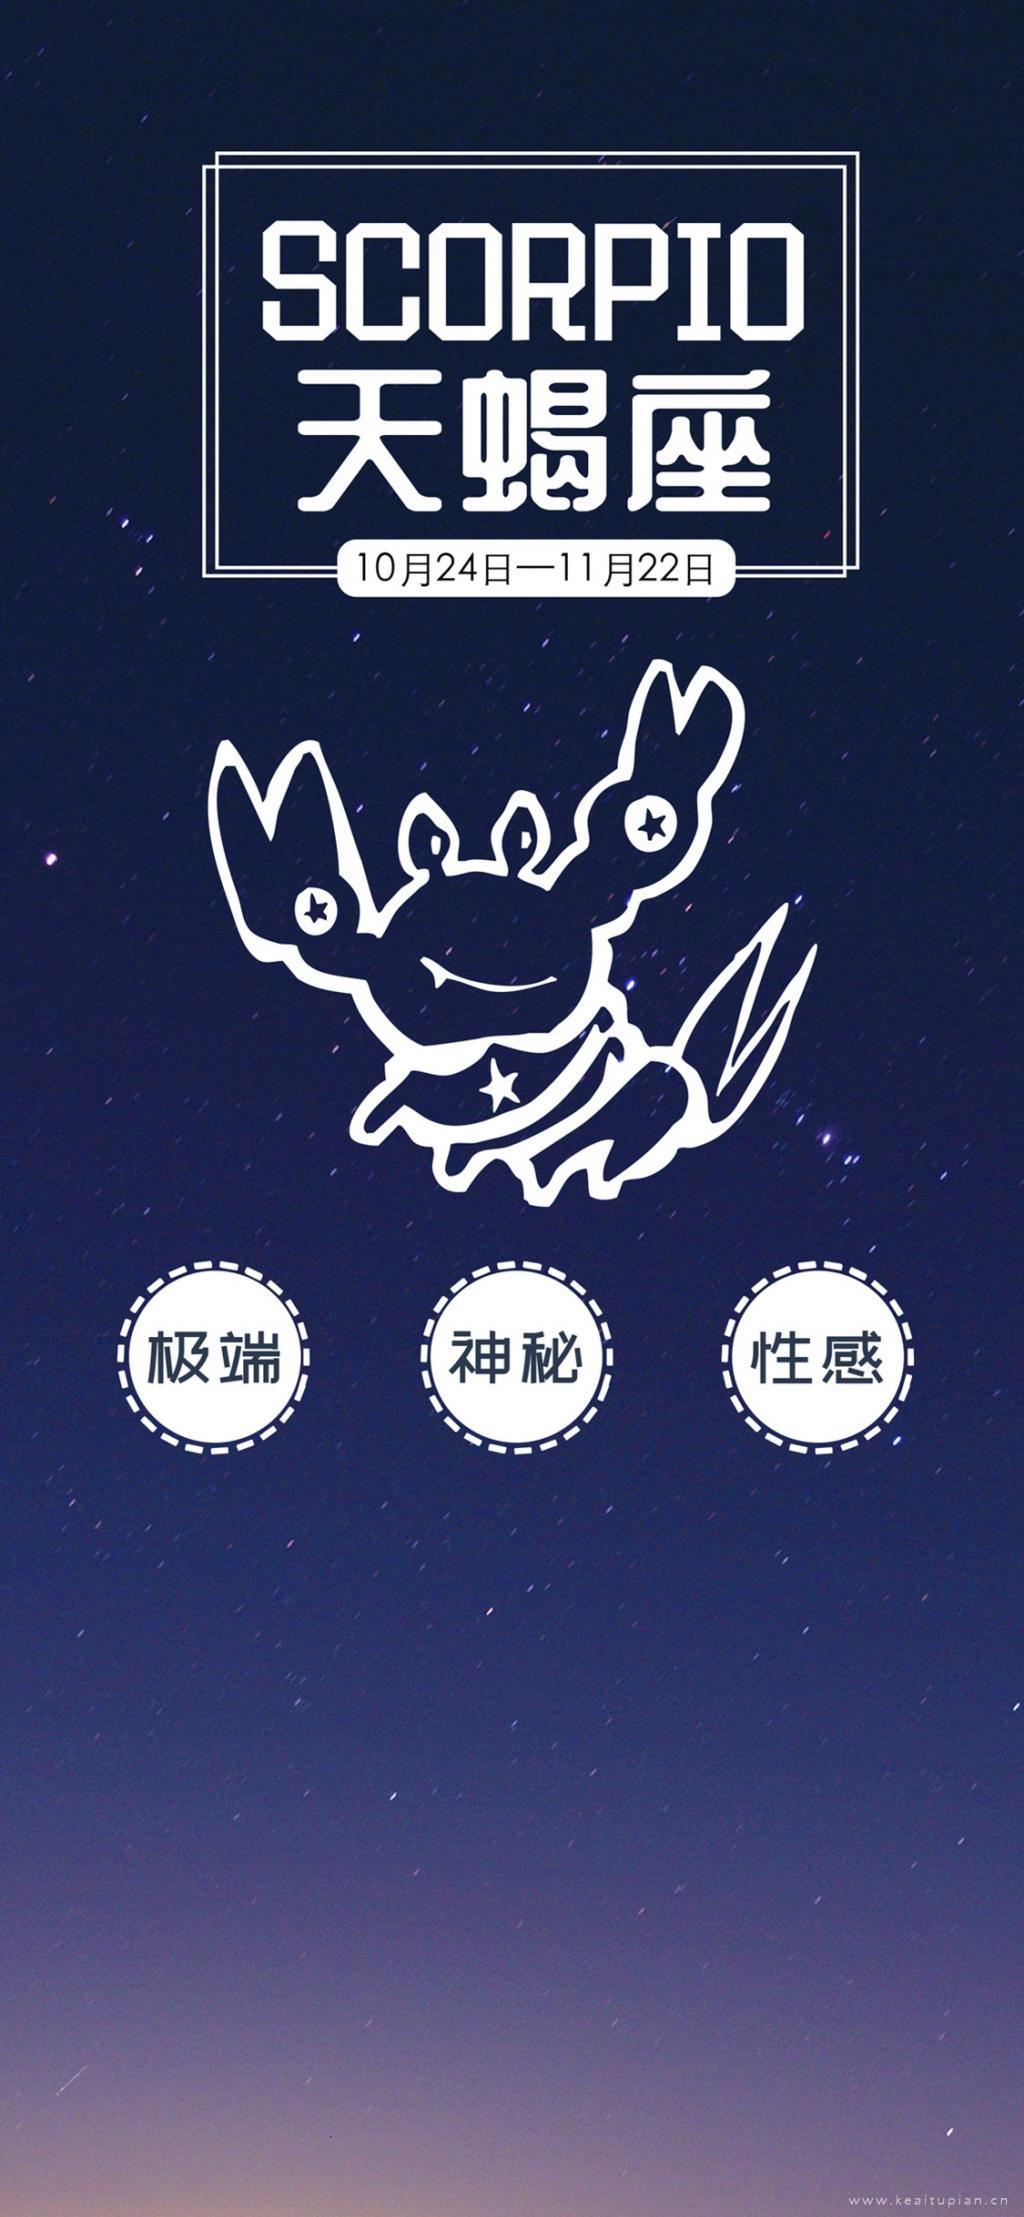 天蝎座夜空背景唯美手机壁纸图片